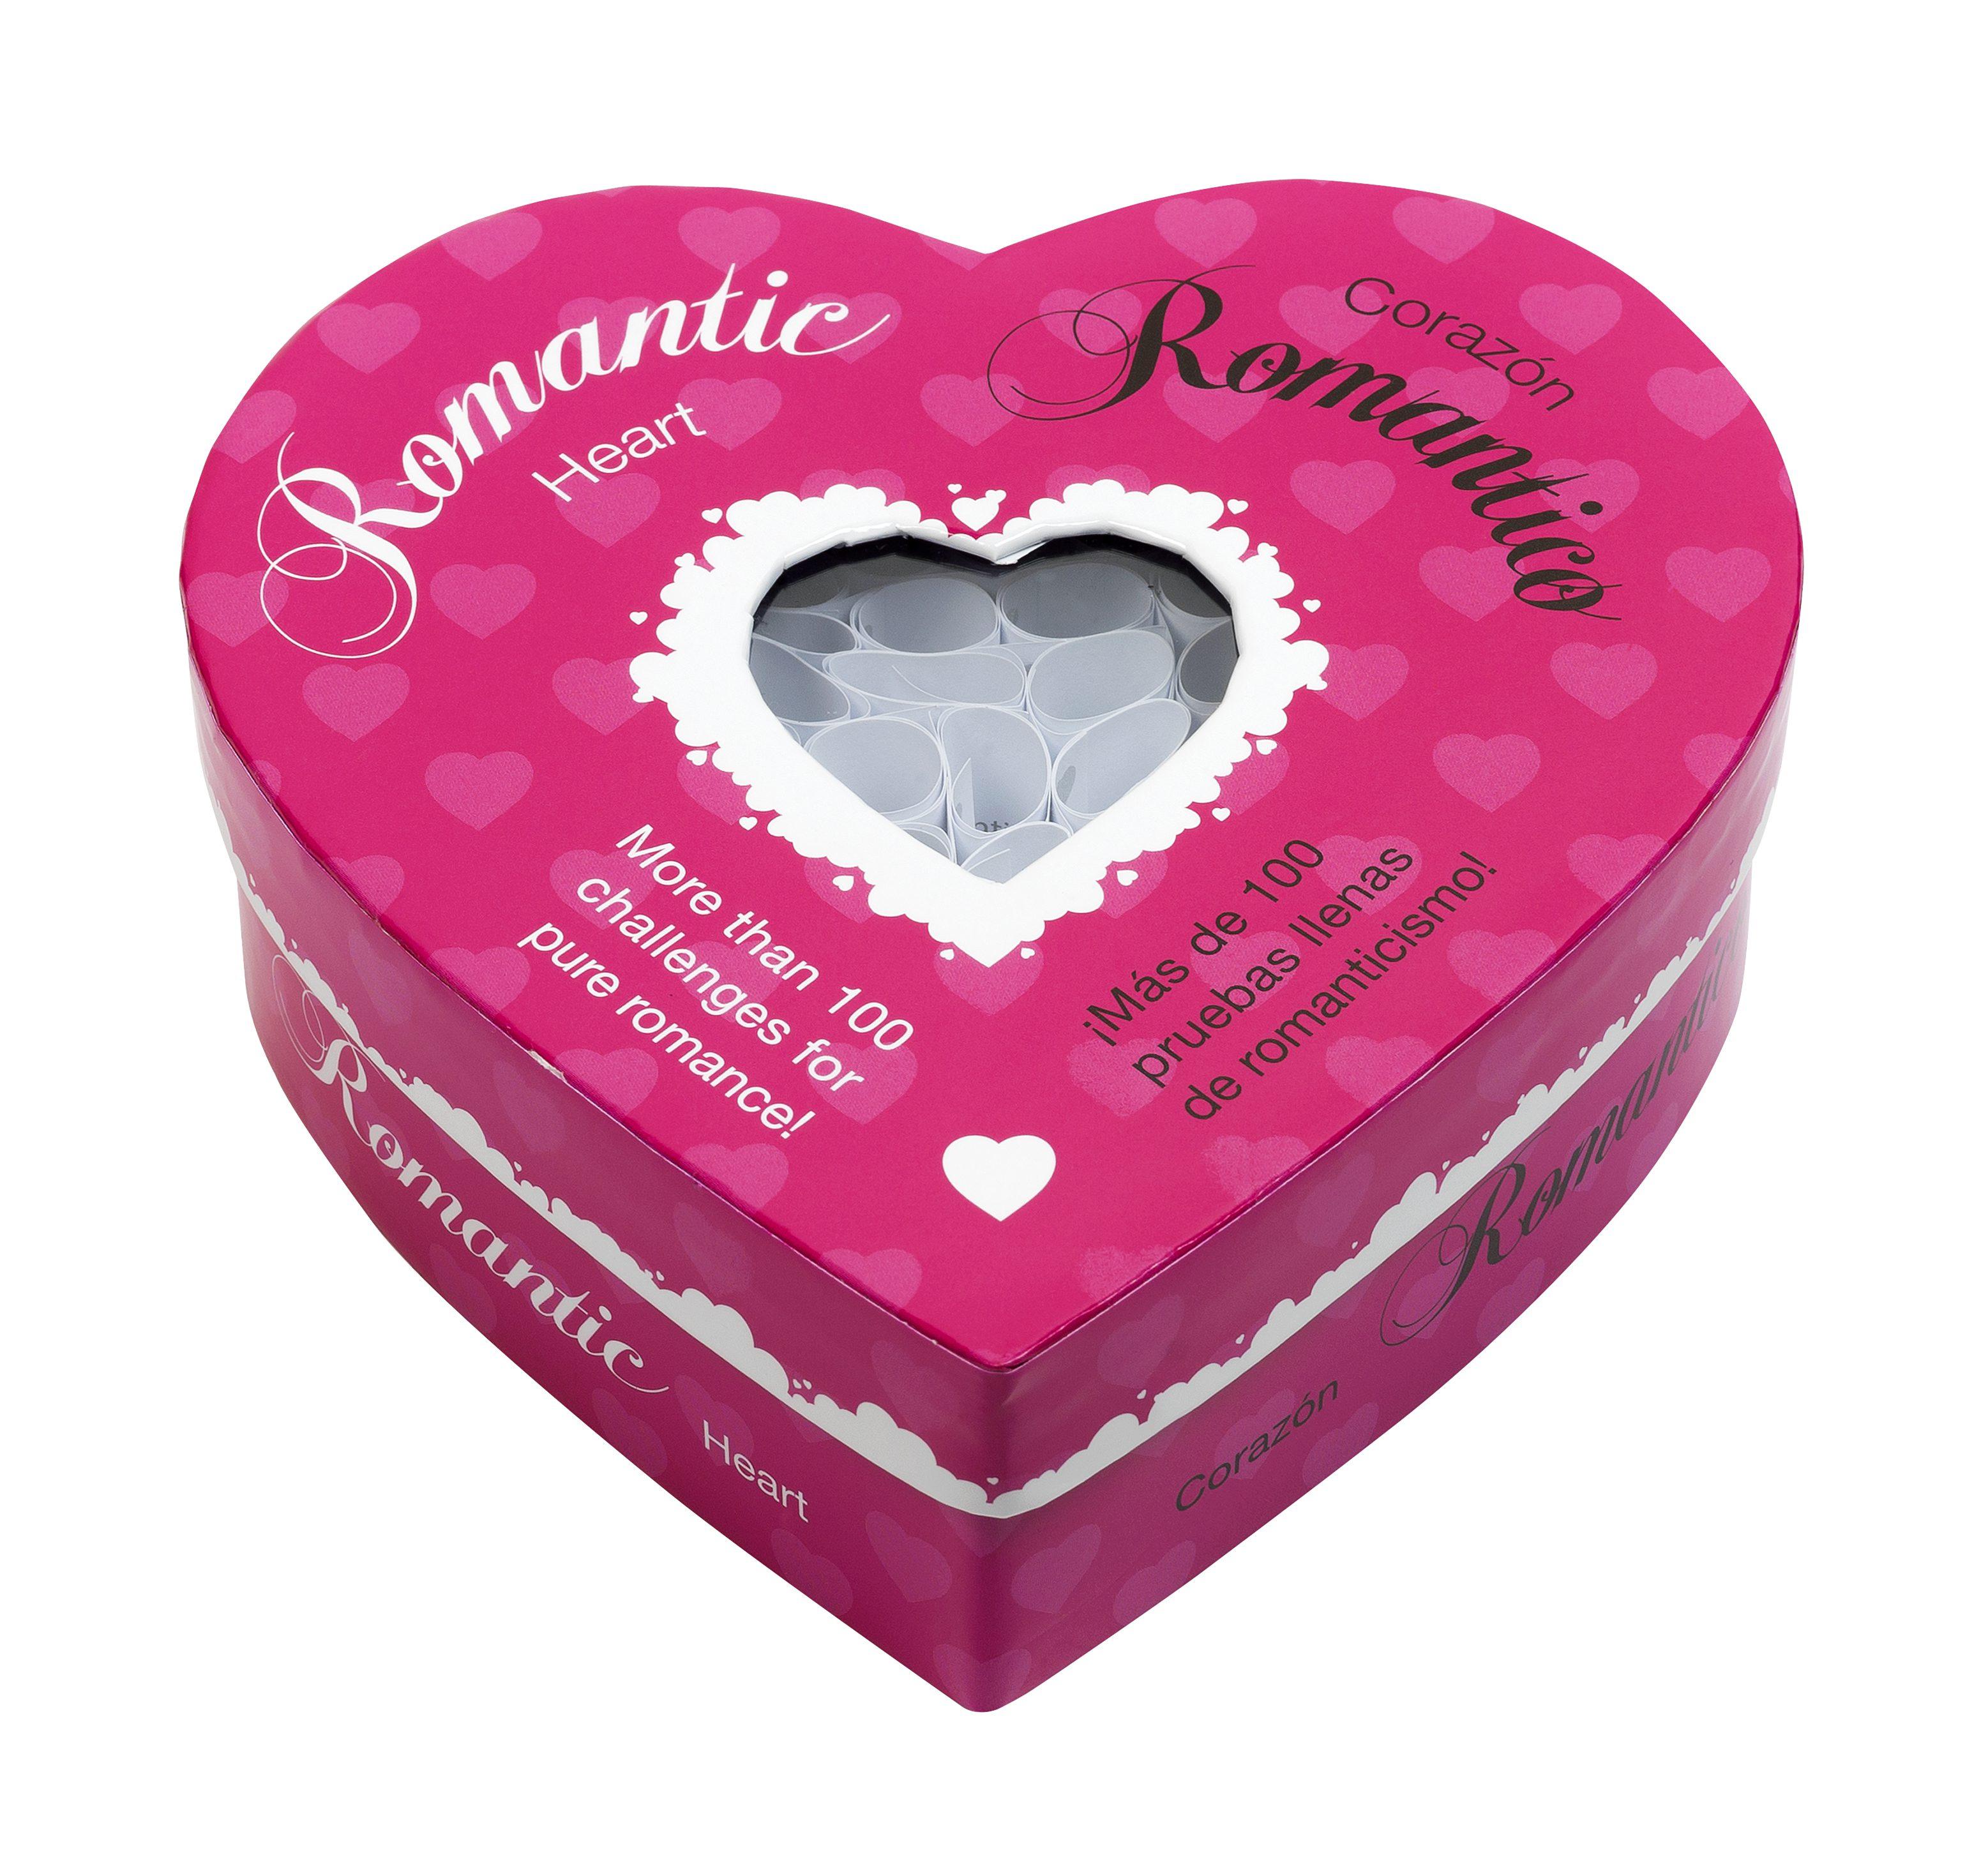 Juego para Parejas, Corazón Romántico 100 Pruebas Llenas de Romanticismo Tease & Please - LOVERSpack